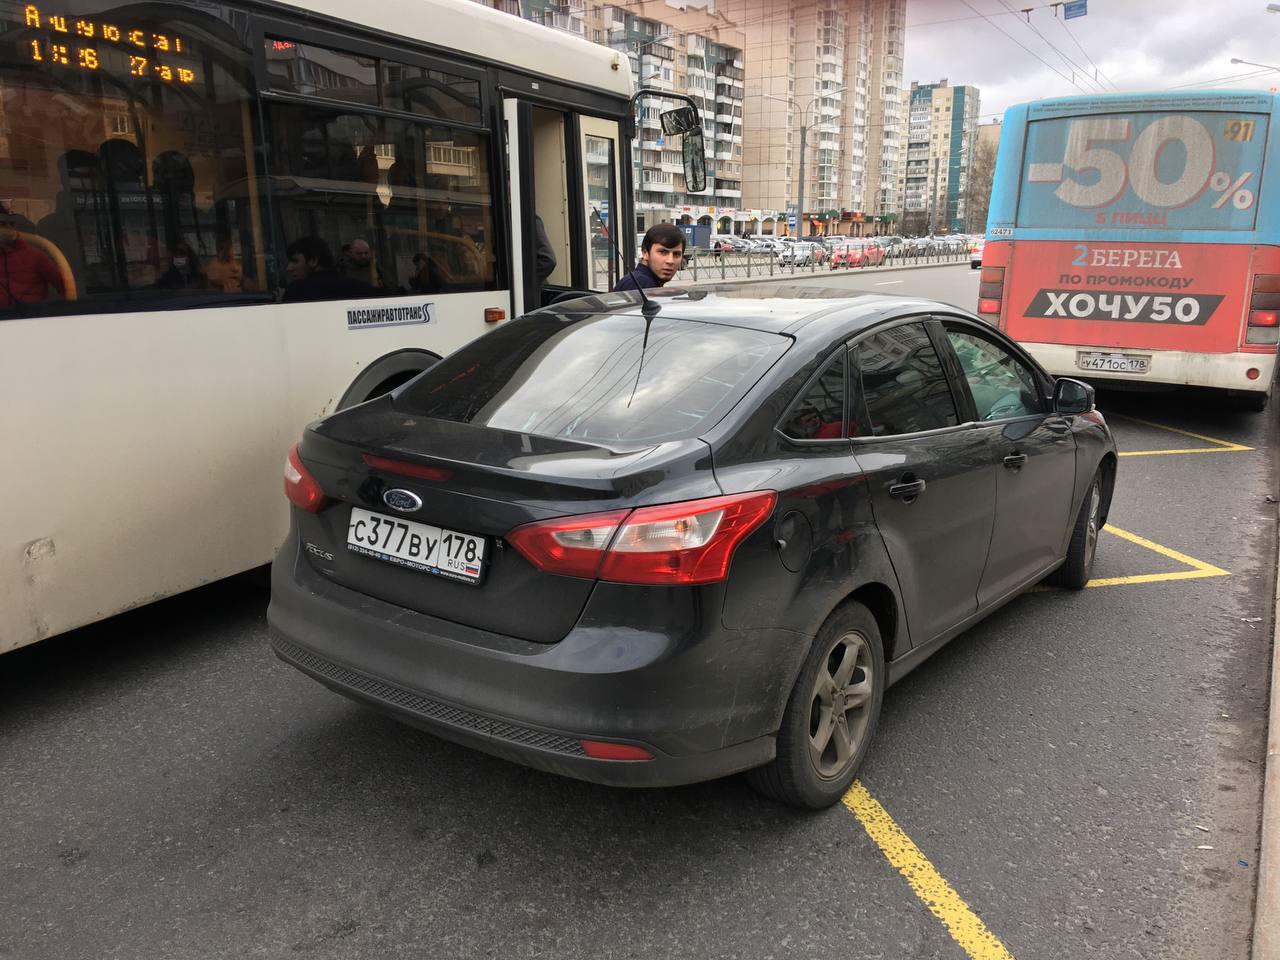 Драка у метро «Комендантский проспект» - человек сначала мешал остановке общественного транспорта, п...